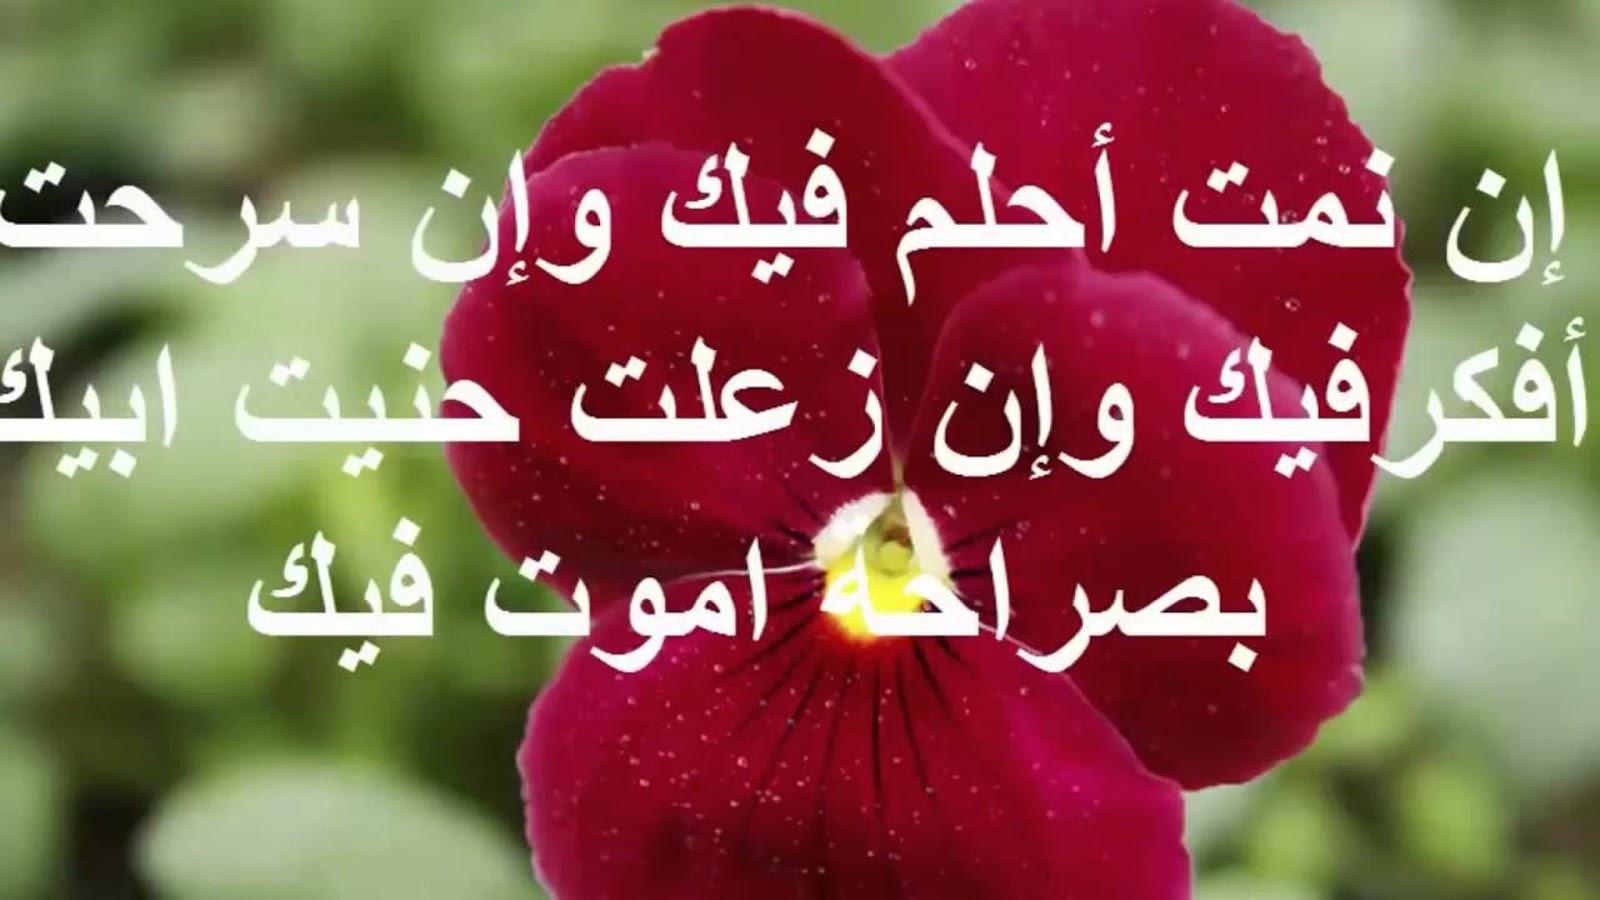 بالصور رسائل حب خاصة للحبيب , مسجات حب للحبيب 3942 1